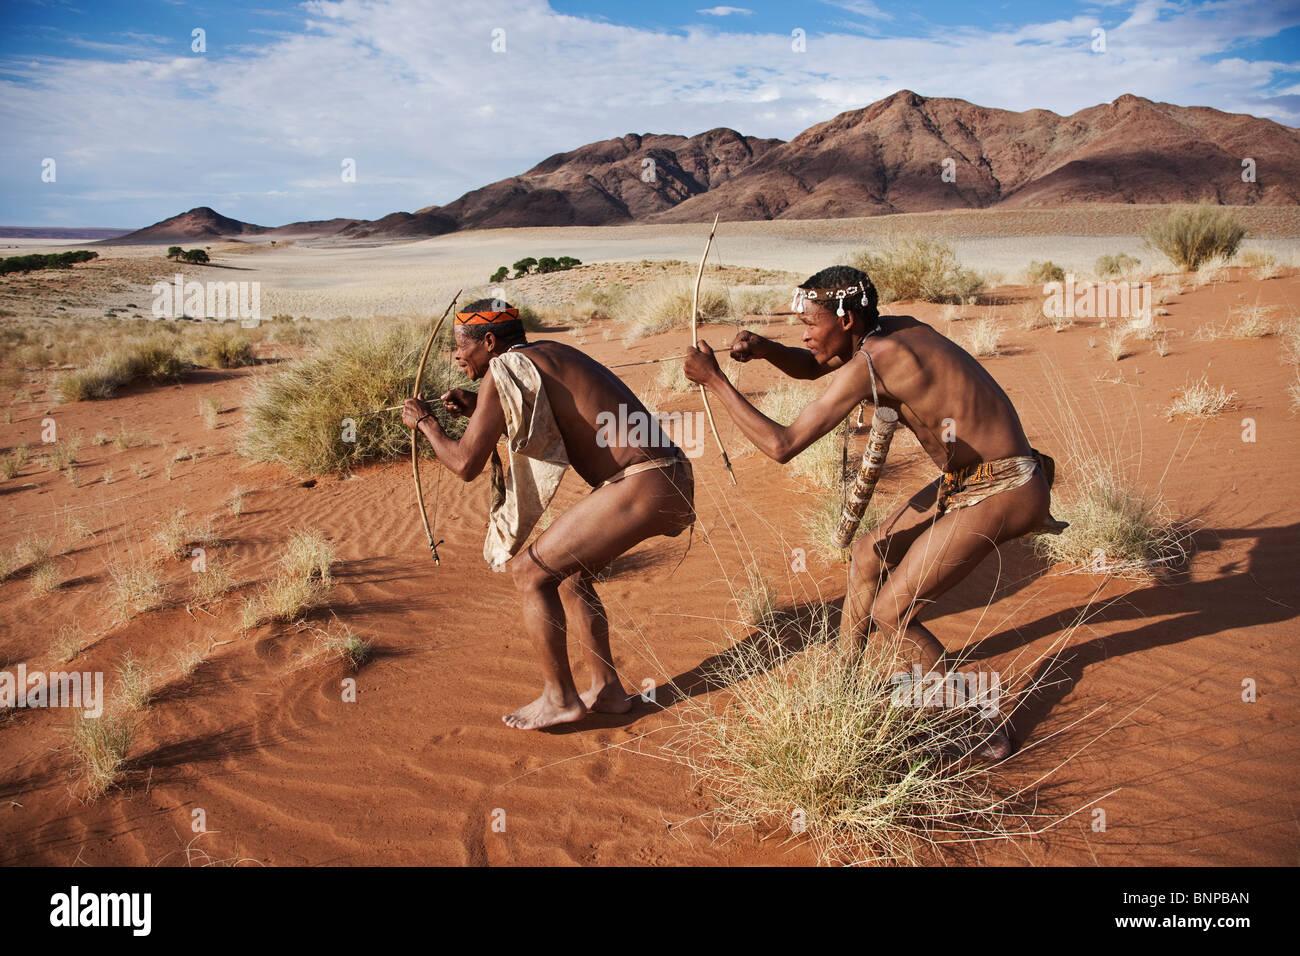 Bushman/peuple San. Les chasseurs San mâle armé d'arc et de la flèche traditionnelle Photo Stock